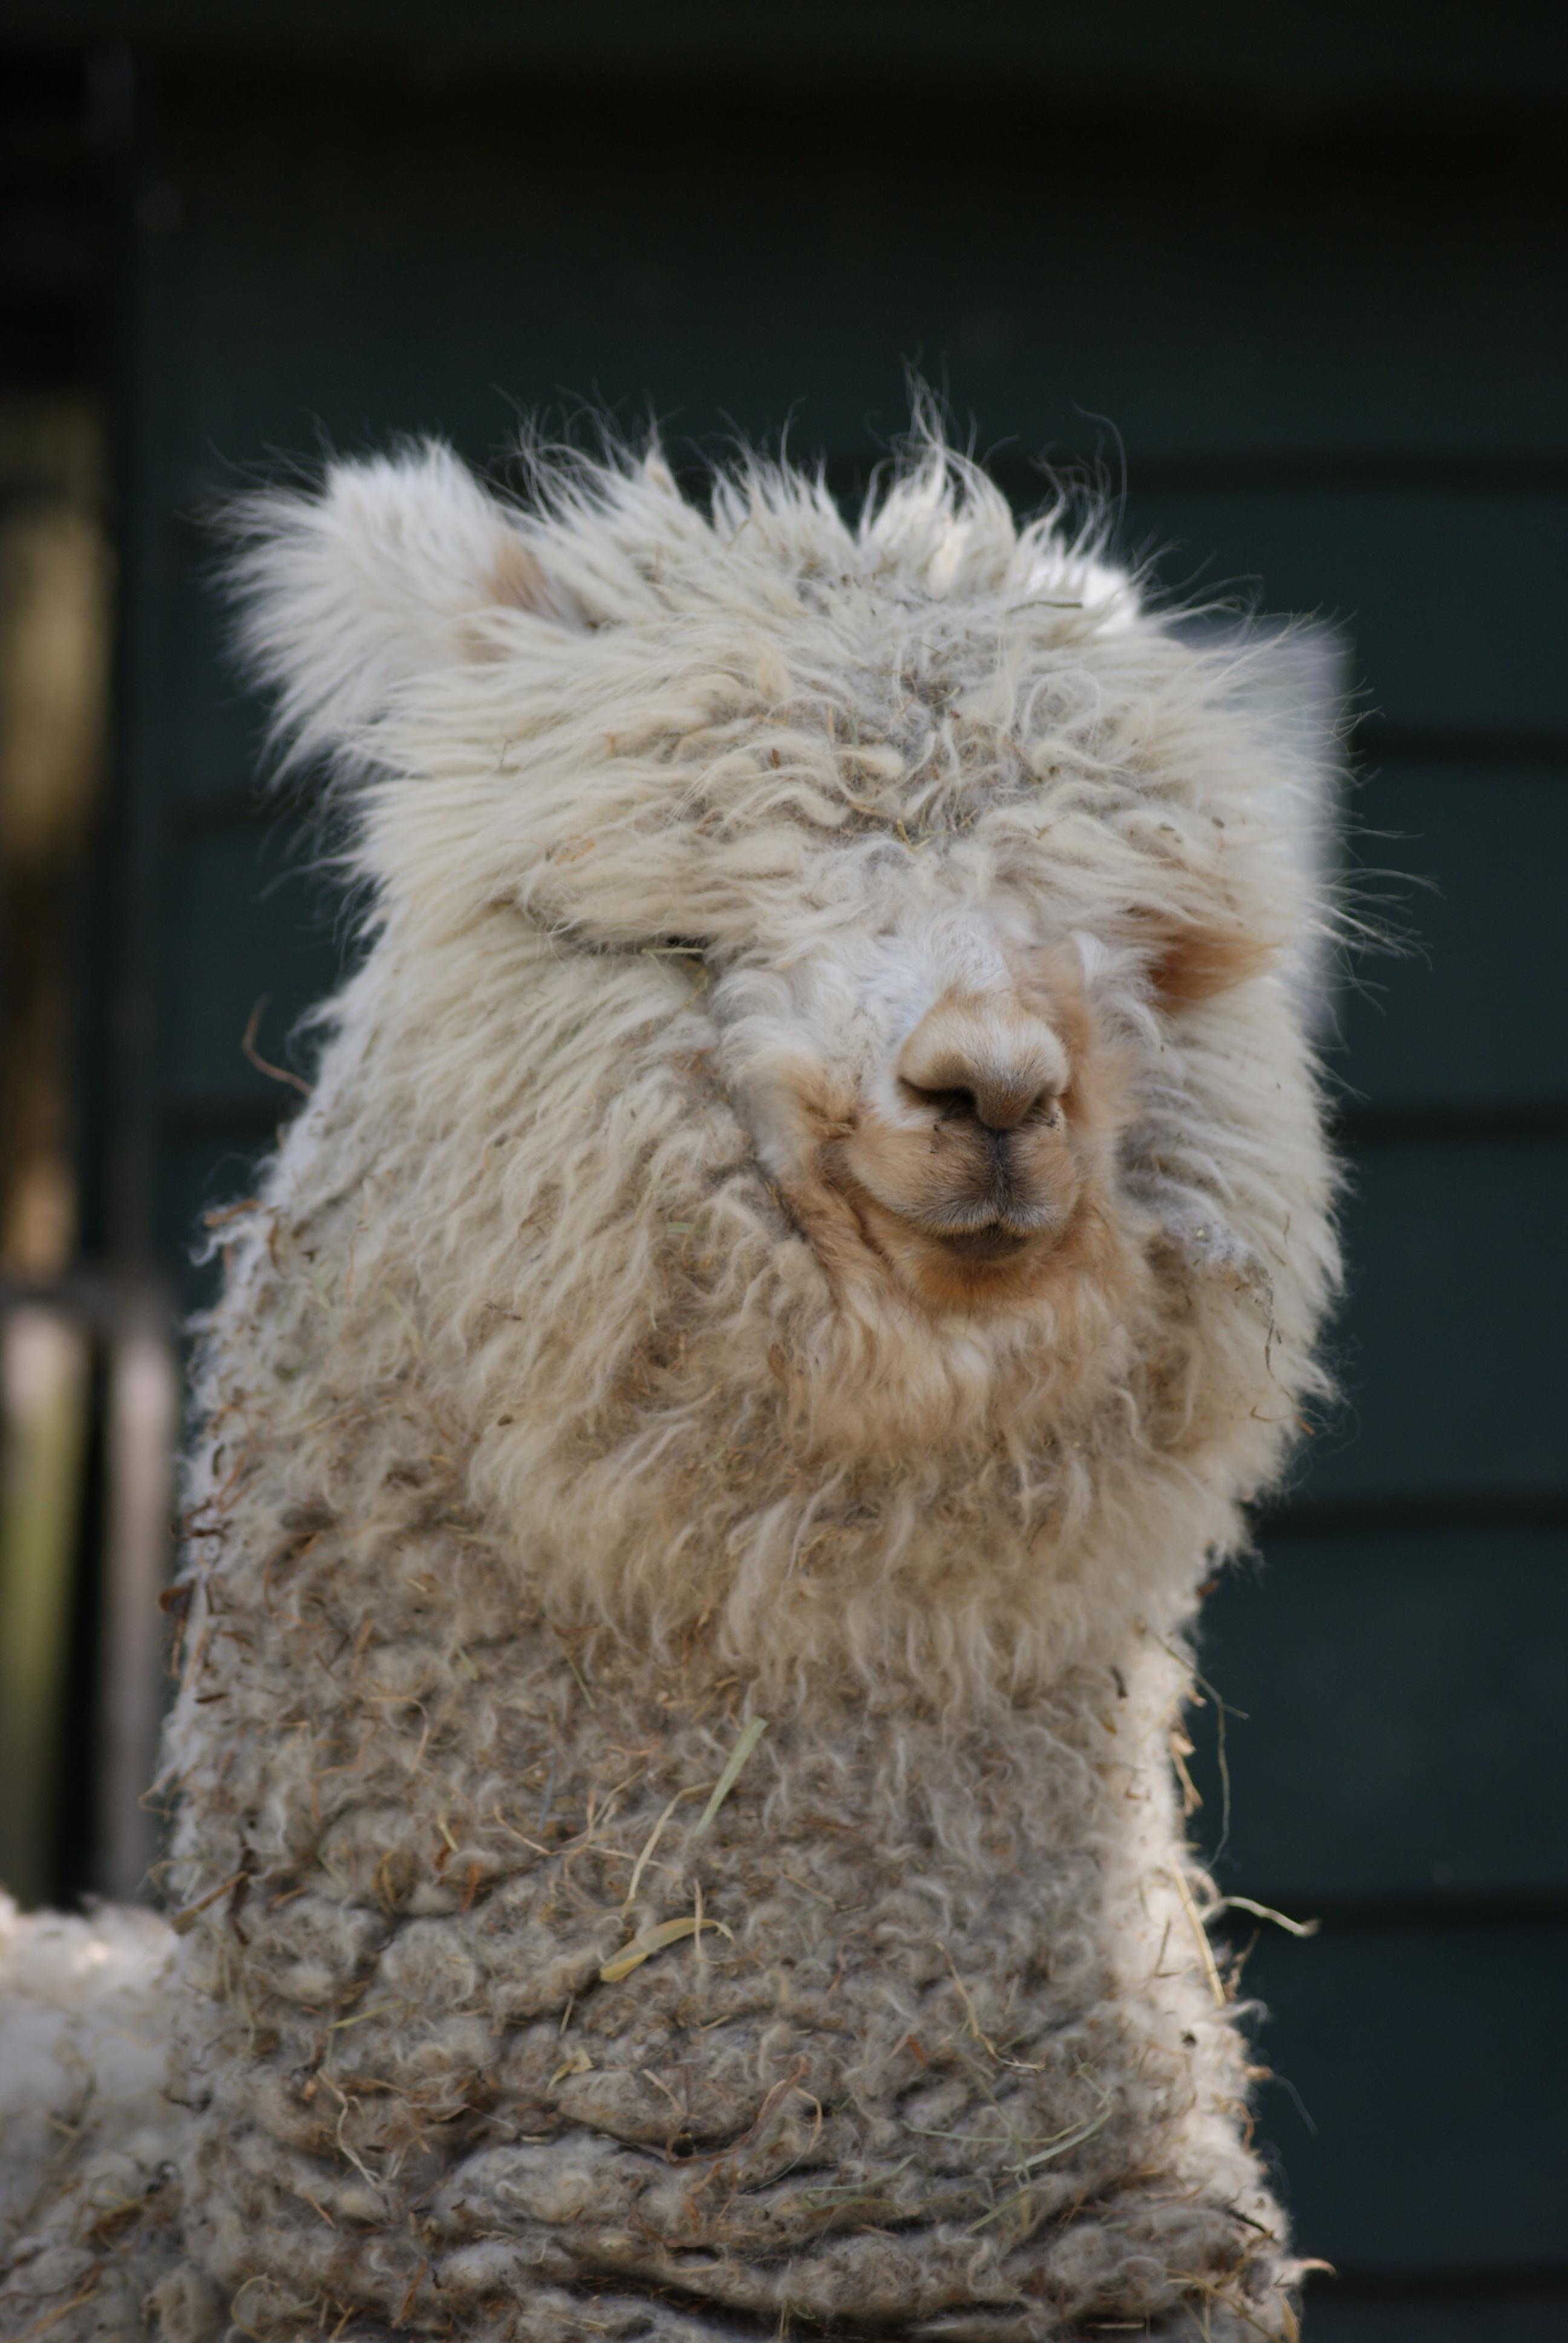 hình ảnh : thiên nhiên, ngọt, Cừu, Động vật có vú, Bờm, Llama, Alpaca, nước  Hà Lan, Động vật có xương sống, những con cừu, Lạc đà như động vật có vú,  ...